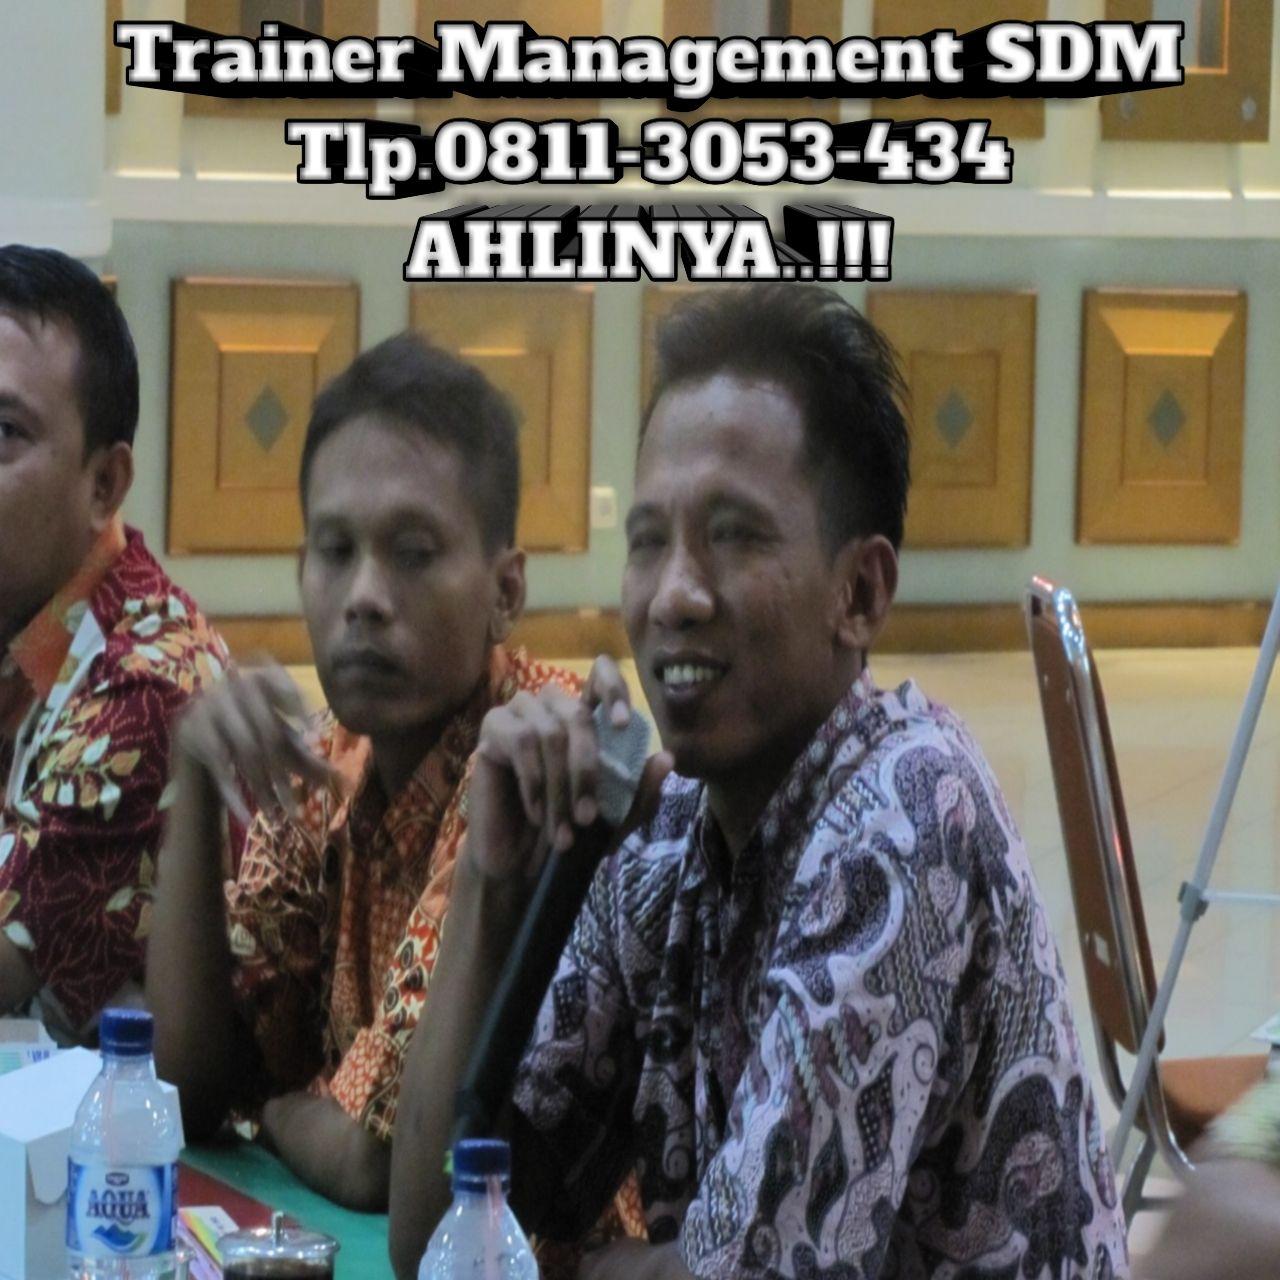 Konsultan manajemen sdm adalah